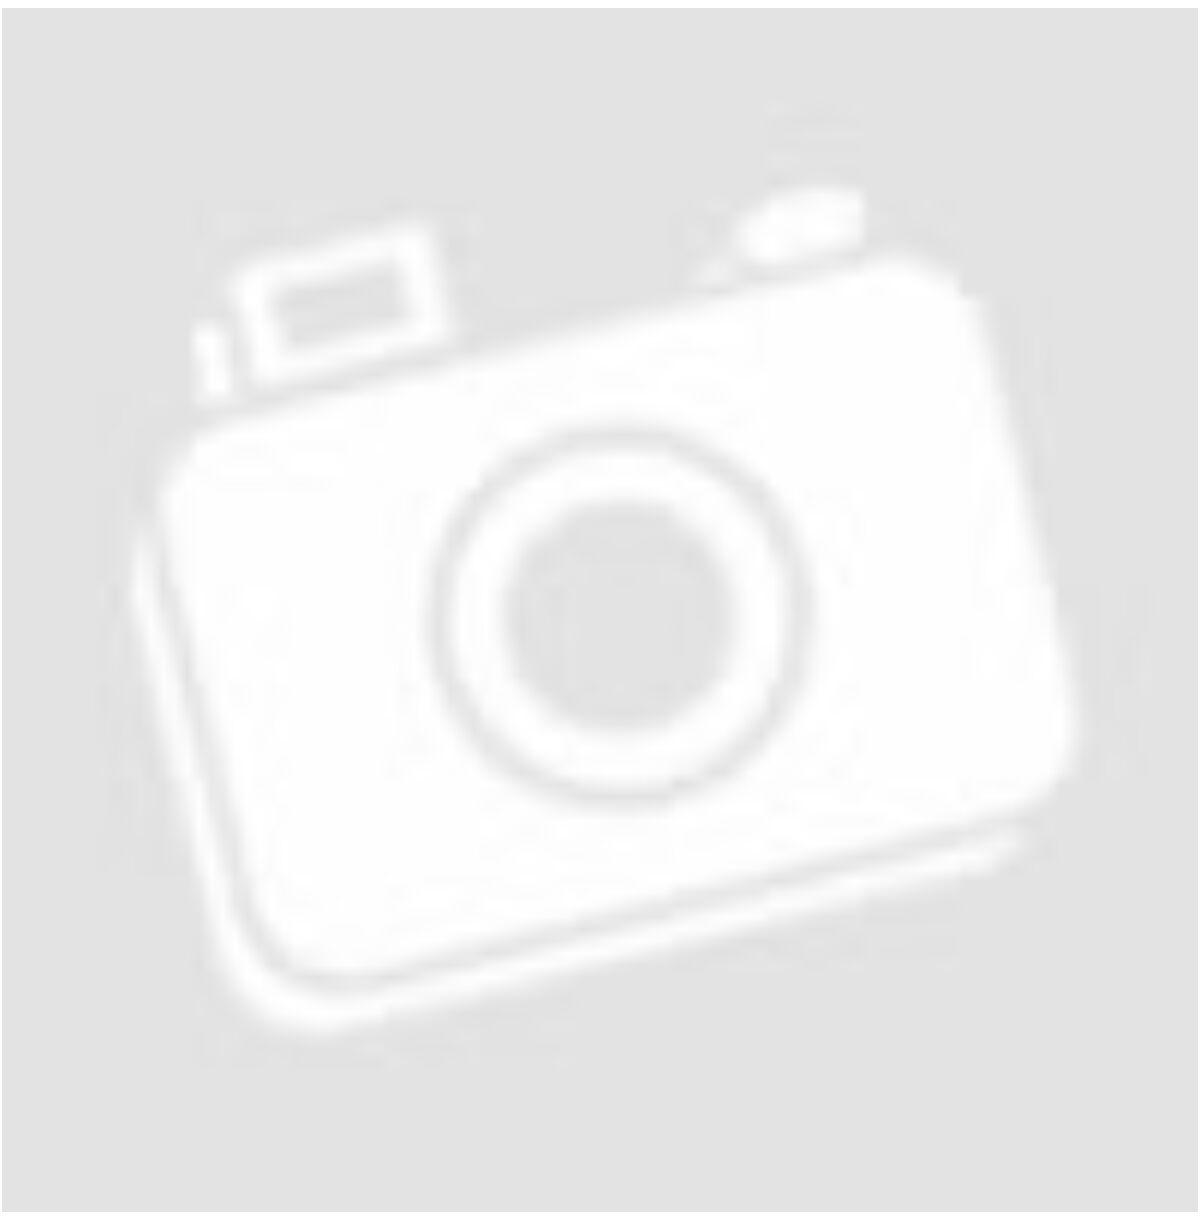 cdd16e917 134 (9 év) - Új Gyerekruha Webshop - 3. oldal